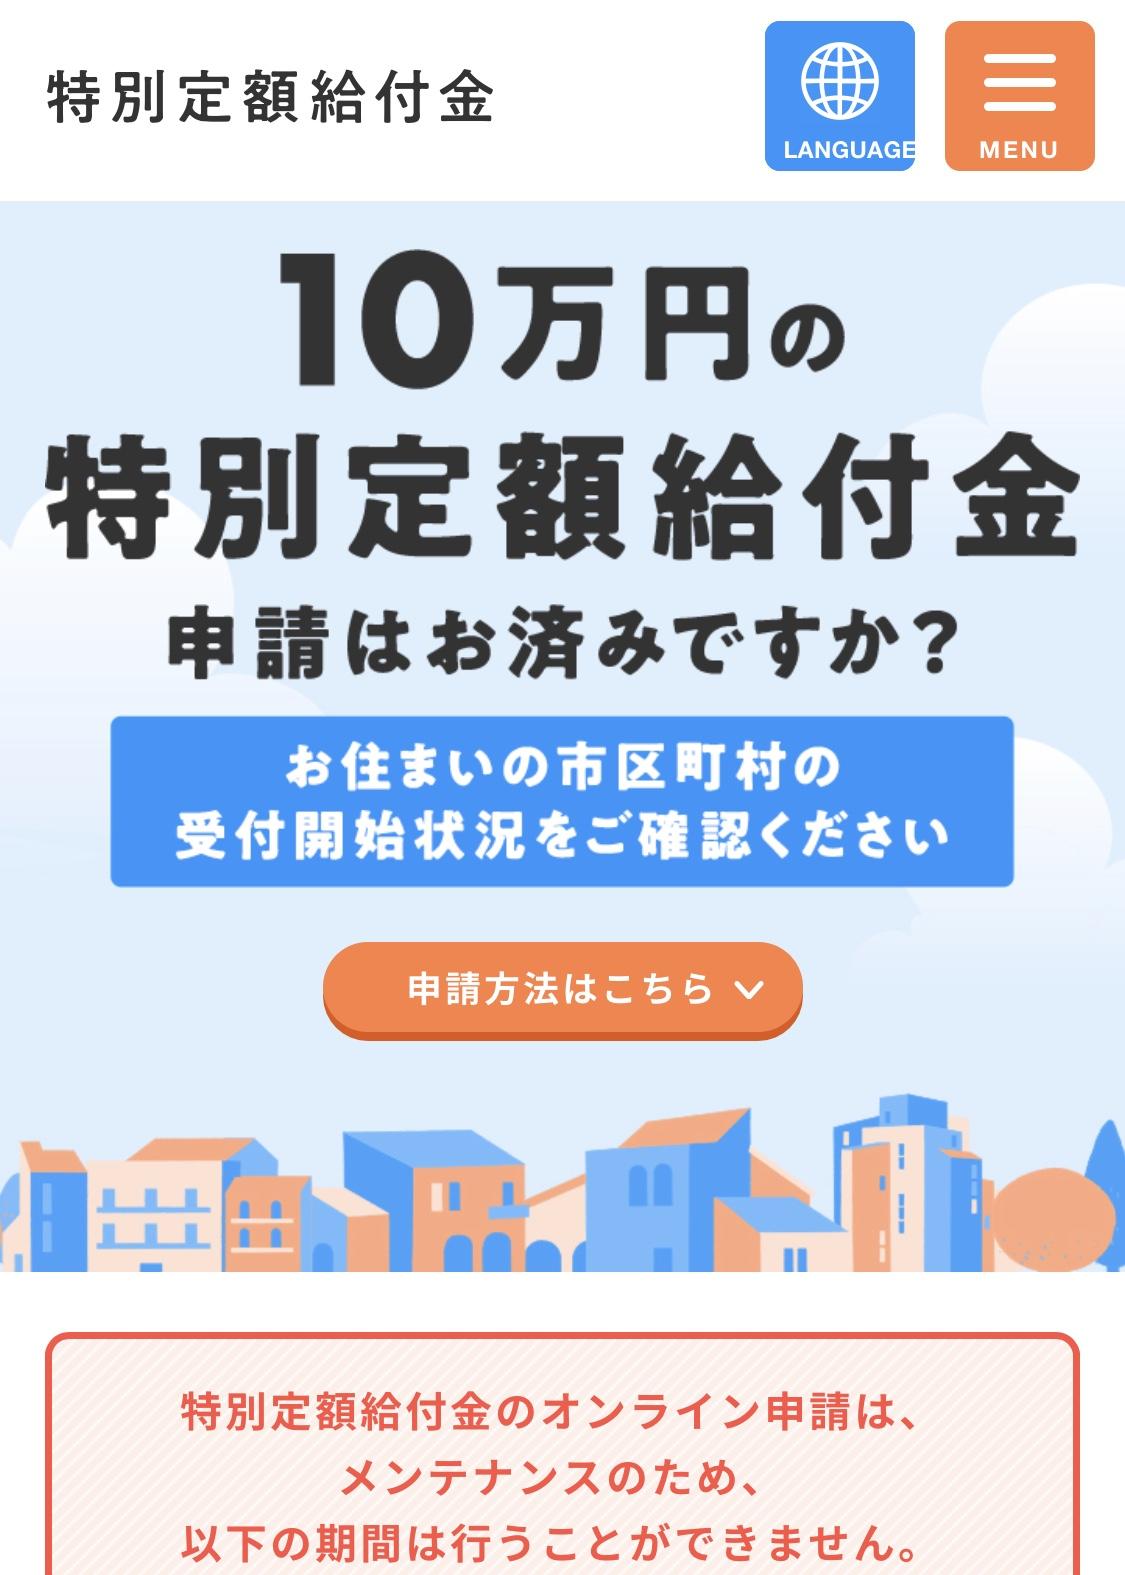 市 万 給付 10 金 大阪